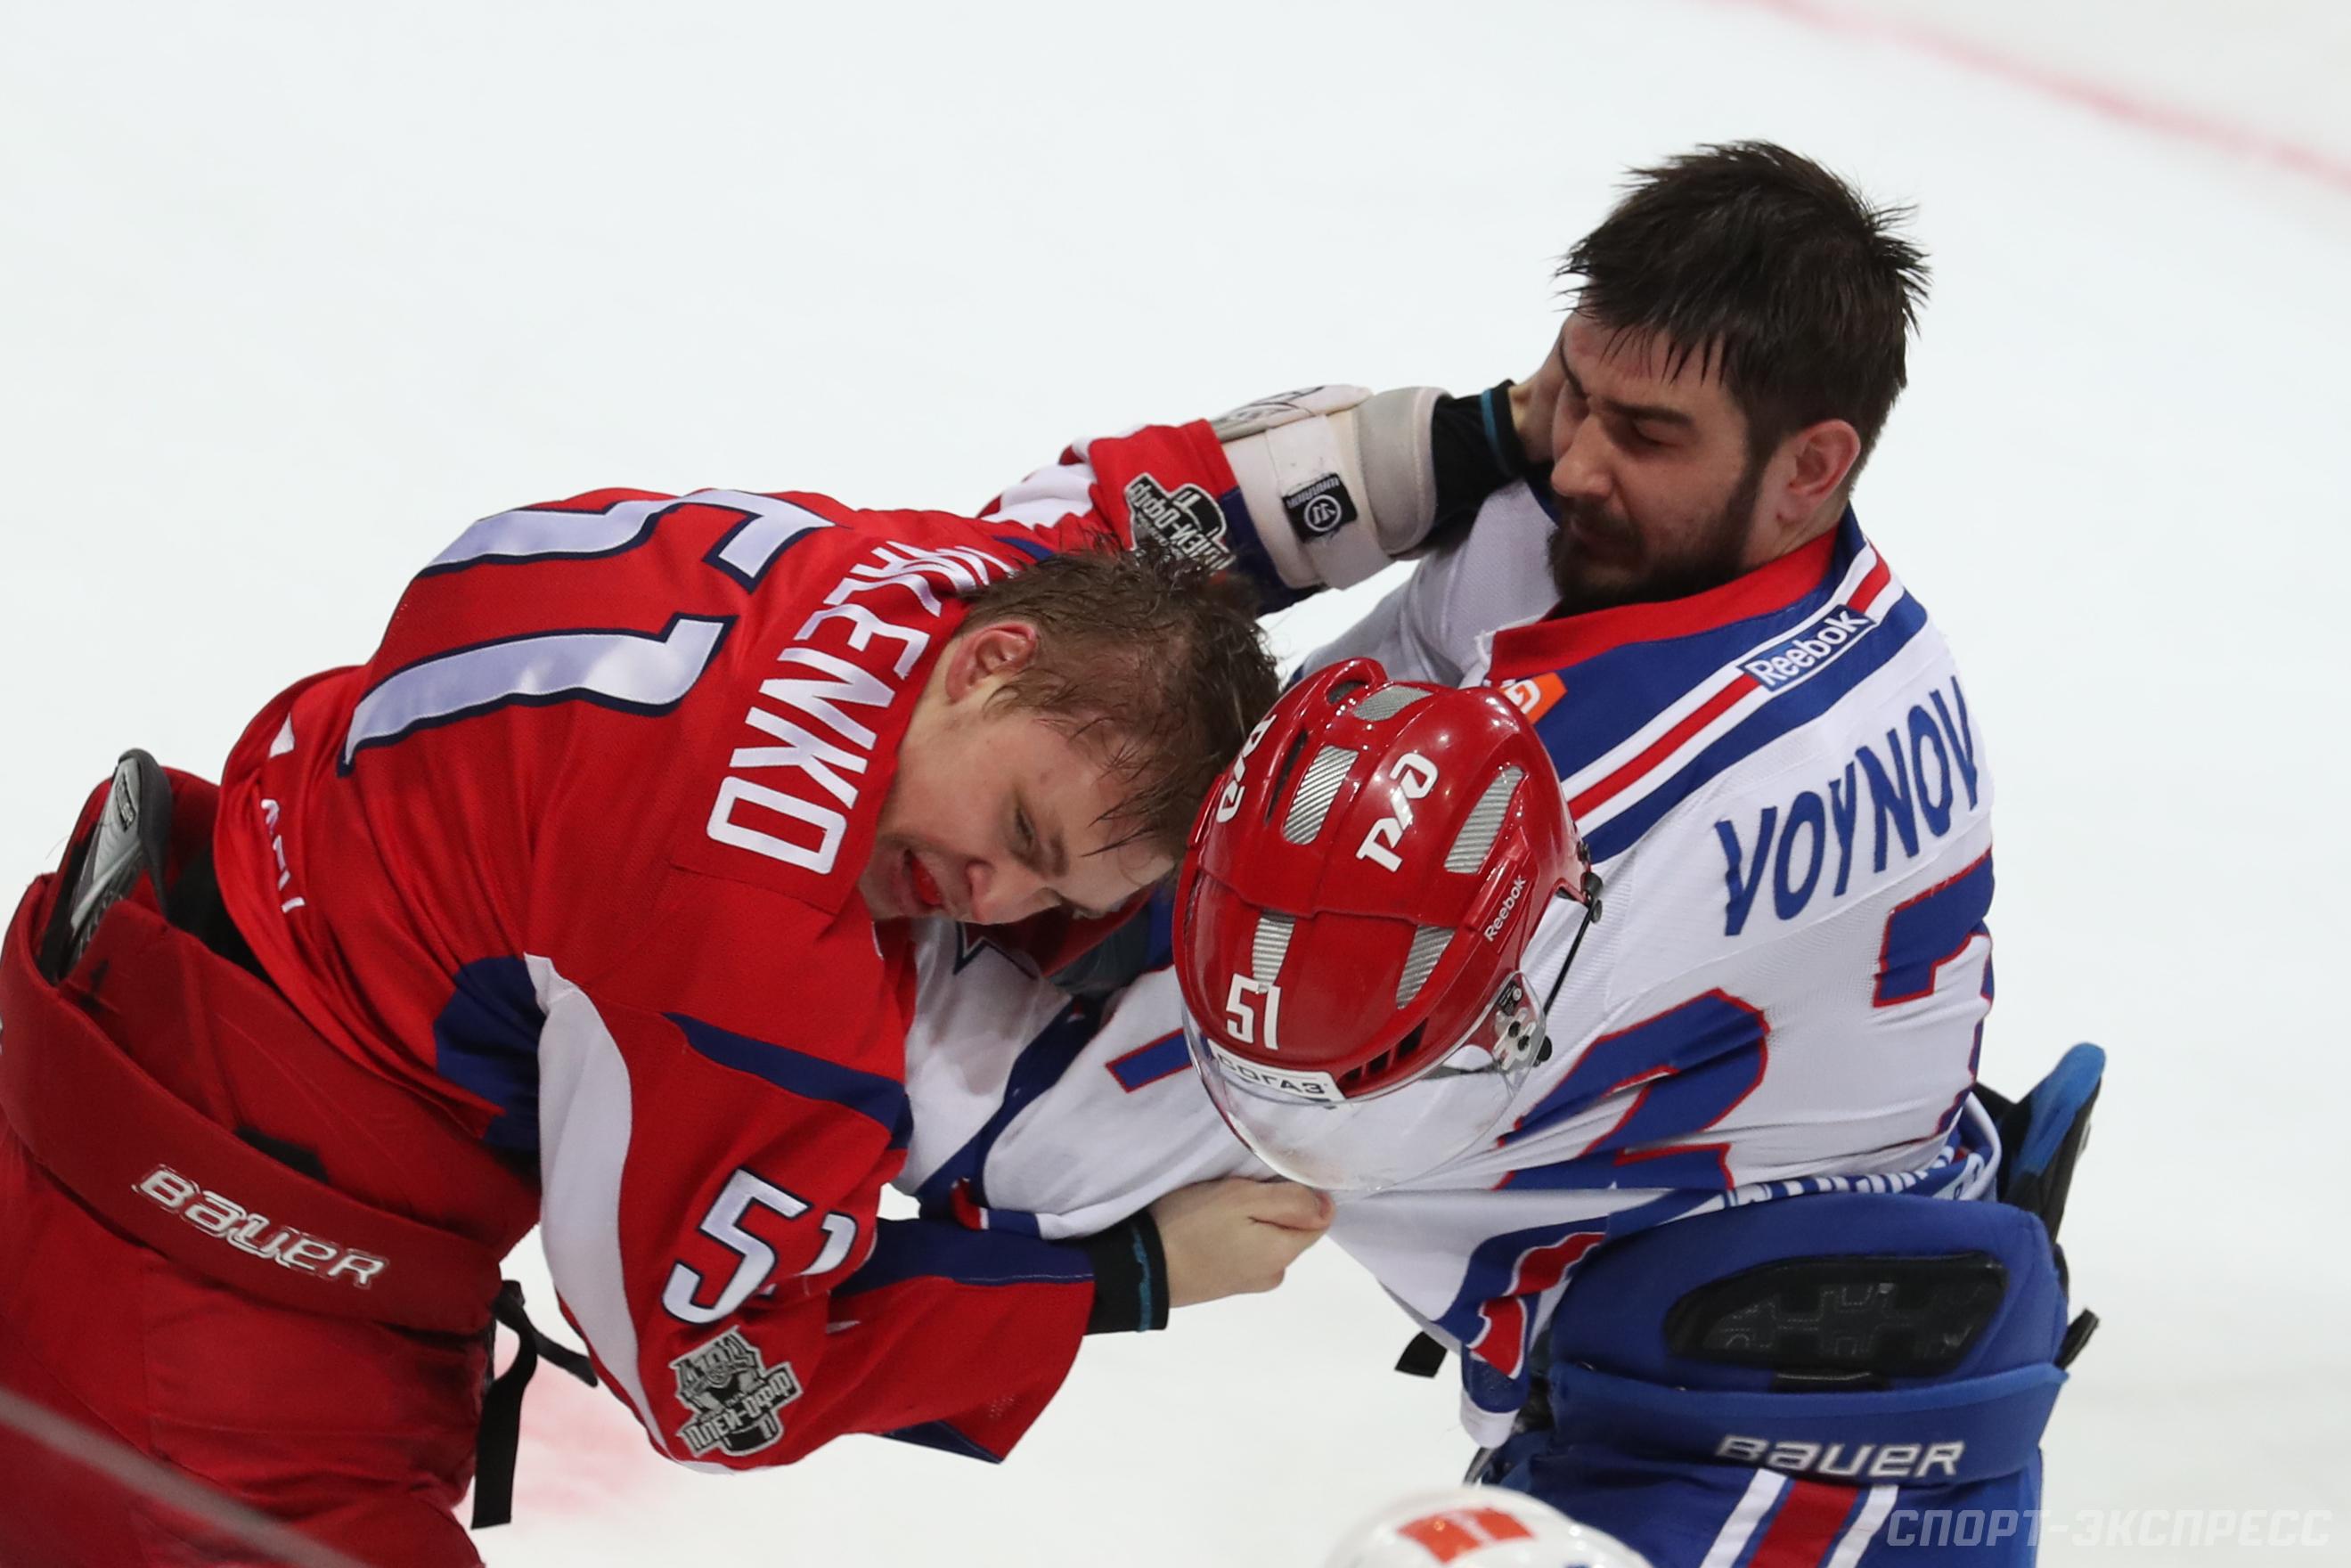 Прогноз на КХЛ: Сочи – Локомотив – 14 ноября 2018 года